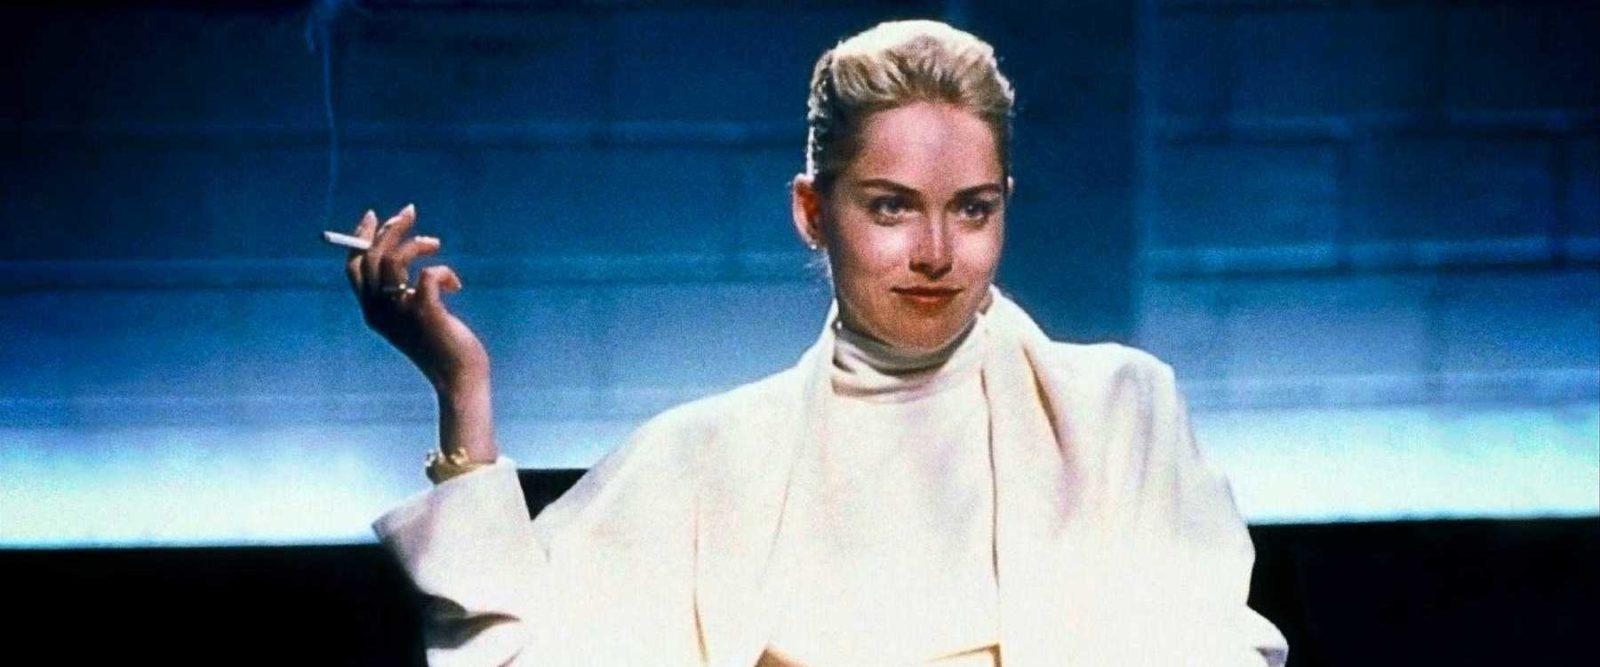 Шэрон Стоун рассказала, как снималась знаменитая сцена из «Основного инстинкта»